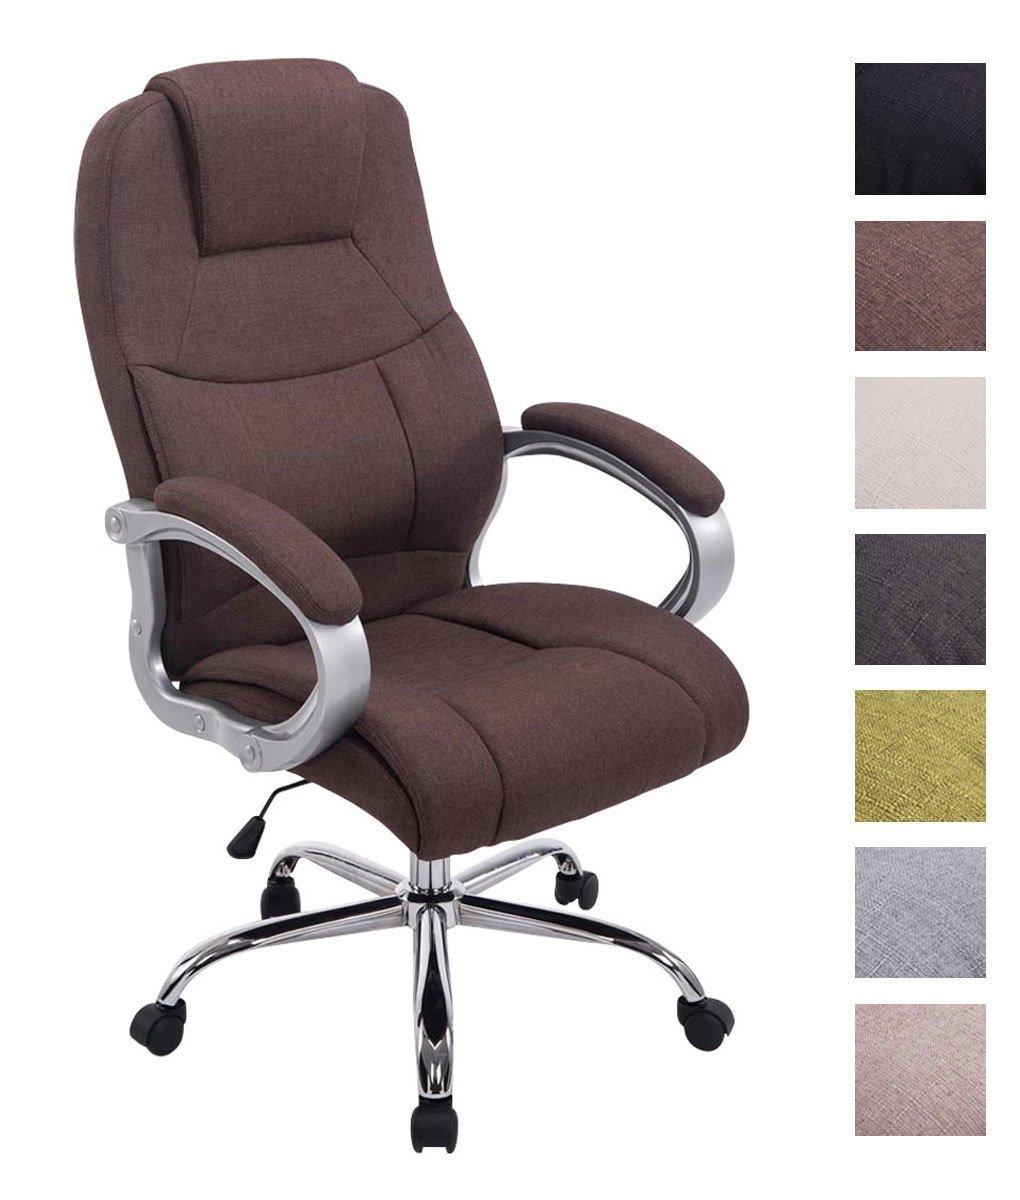 CLP XXL Apoll–Silla de oficina (tela, capacidad de carga de hasta 210kg, giratoria con altura regulable, silla de directivo con revestimiento de alta calidad y en varios colores